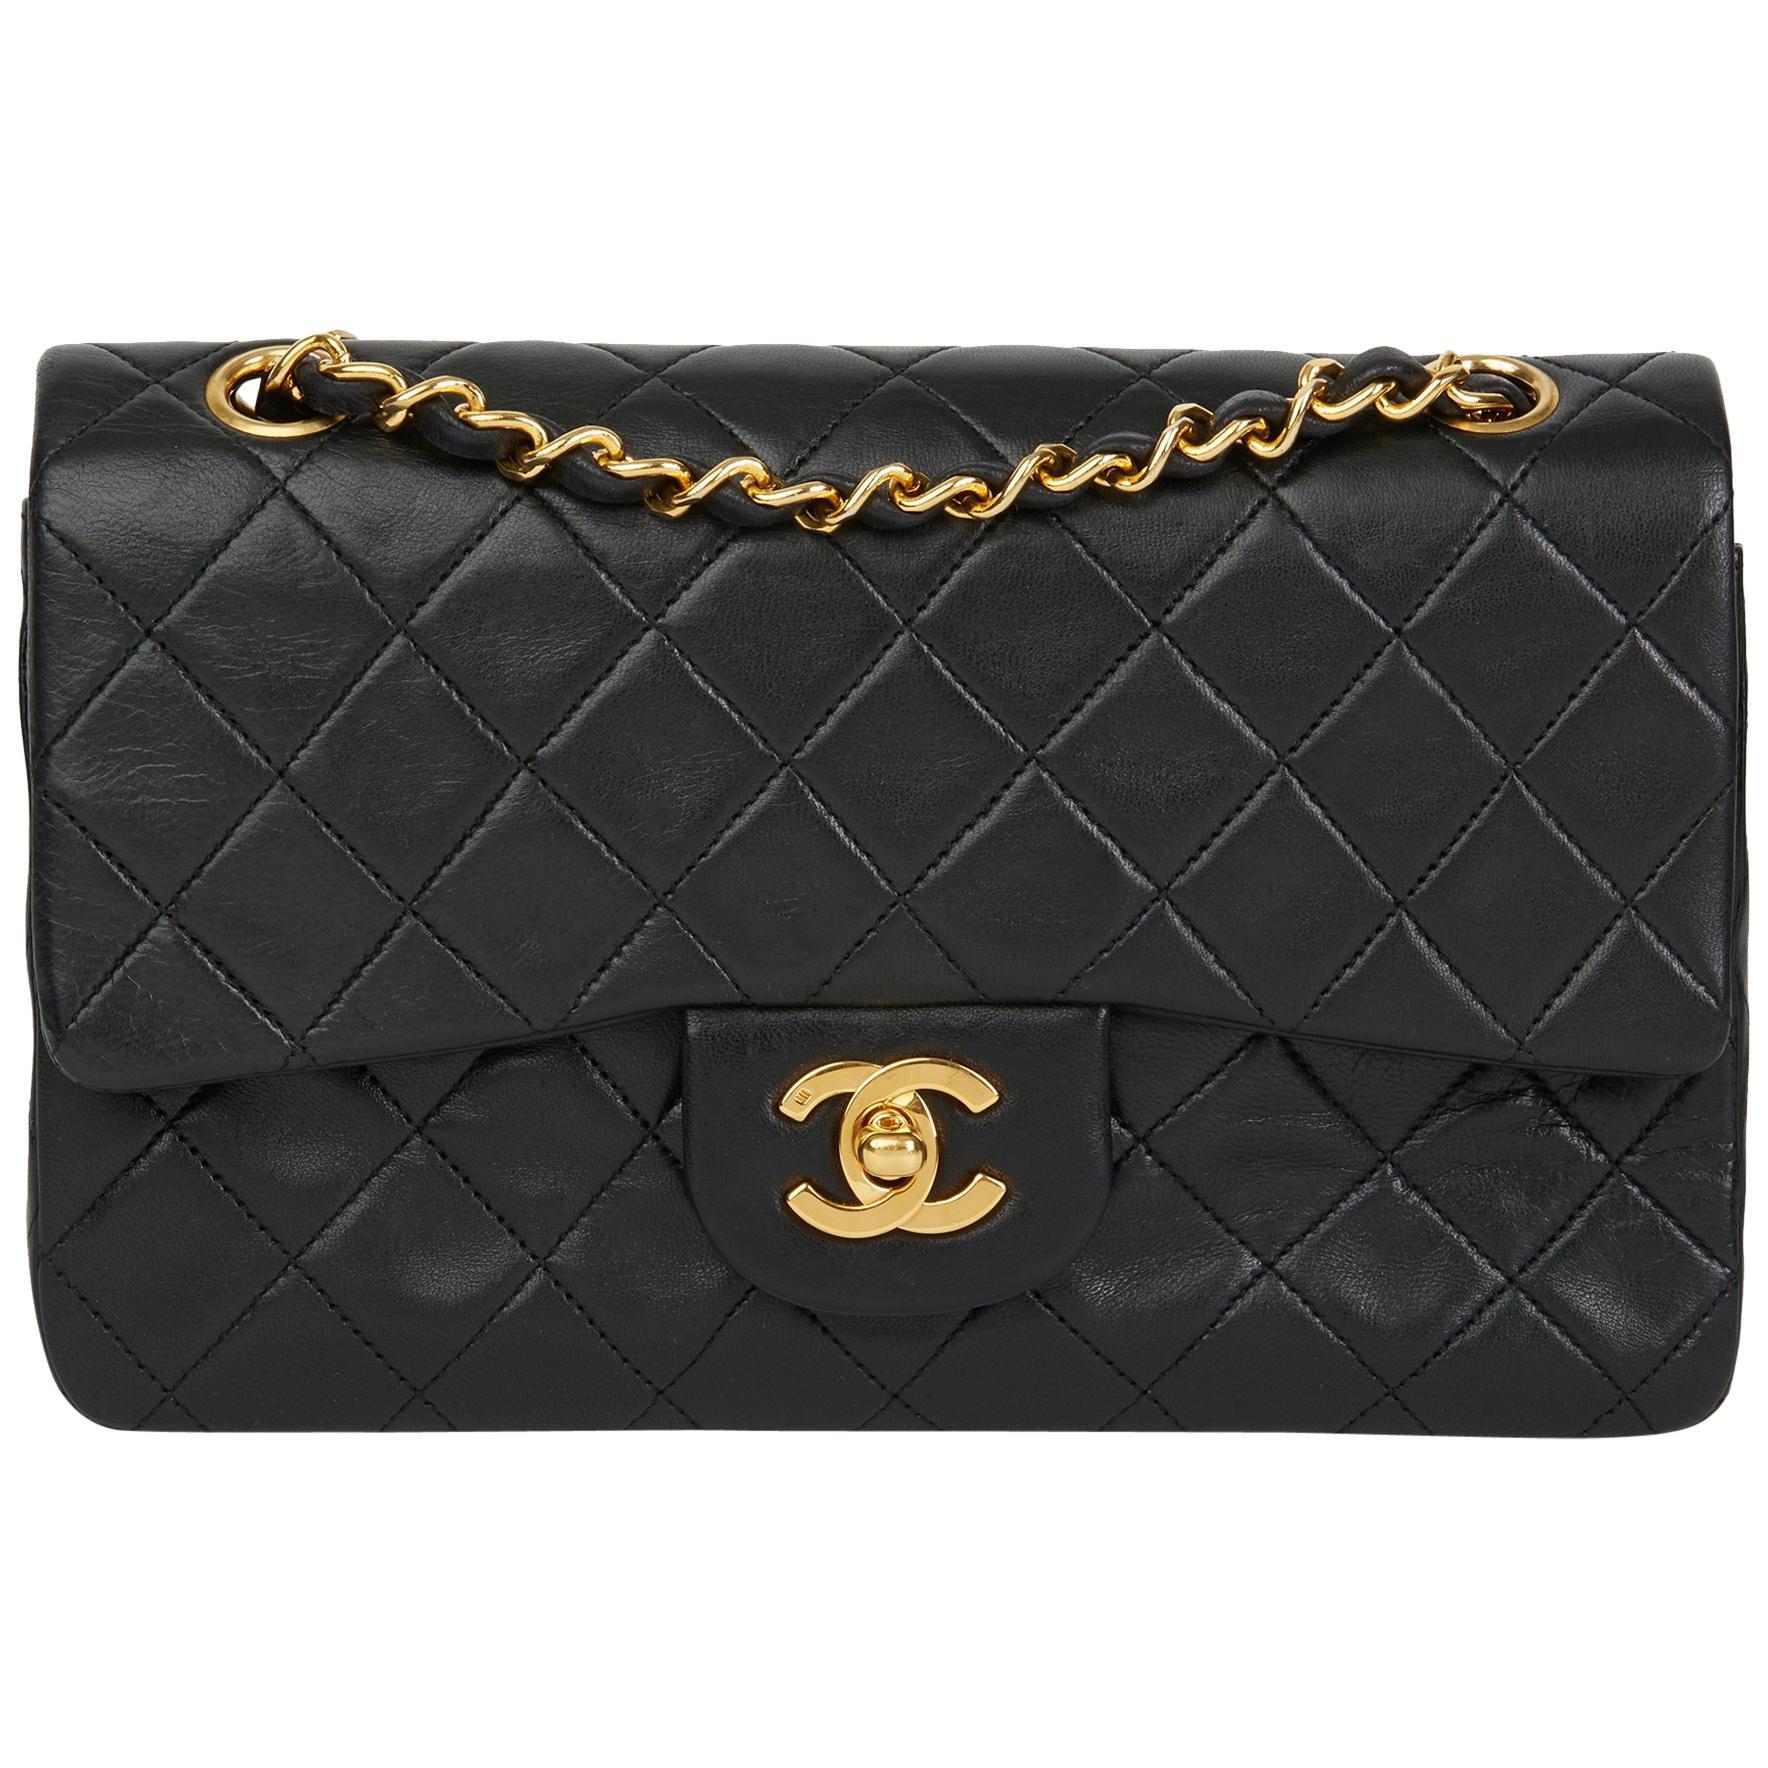 78f89e6081fa Chanel Black Vintage Quilted Box Shoulder Bag For Sale at 1stdibs